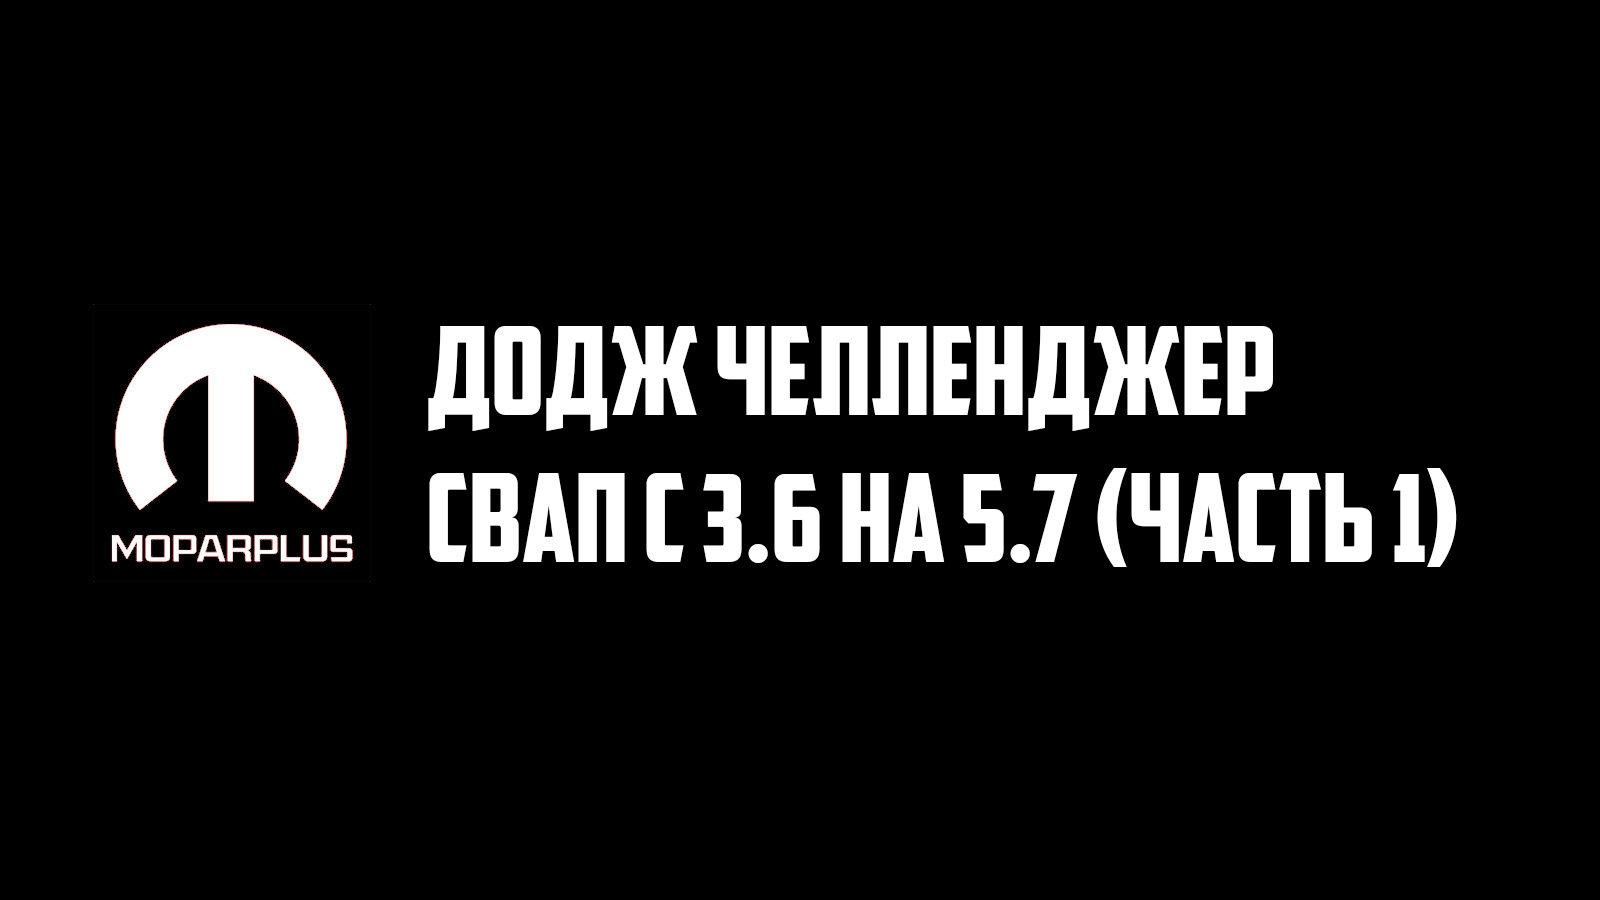 Замена 3.6 на 5.7 Додж Челленджер (часть 1)